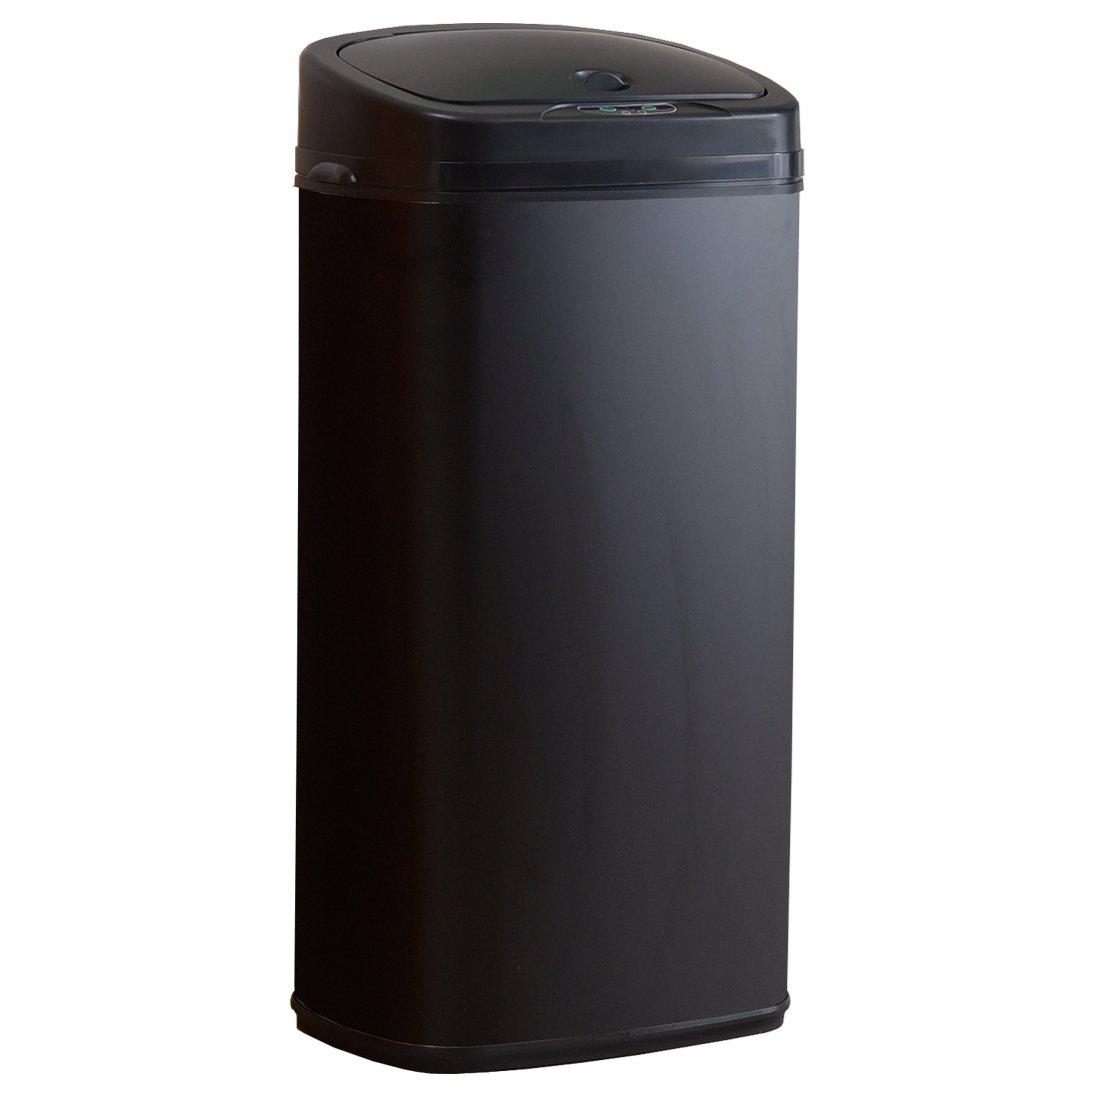 タンスのゲン 自動開閉式 ゴミ箱 68L センサー付き 大型 ブラック 43200002 01 B07F1Q9B8Q 68L ブラック ブラック 68L